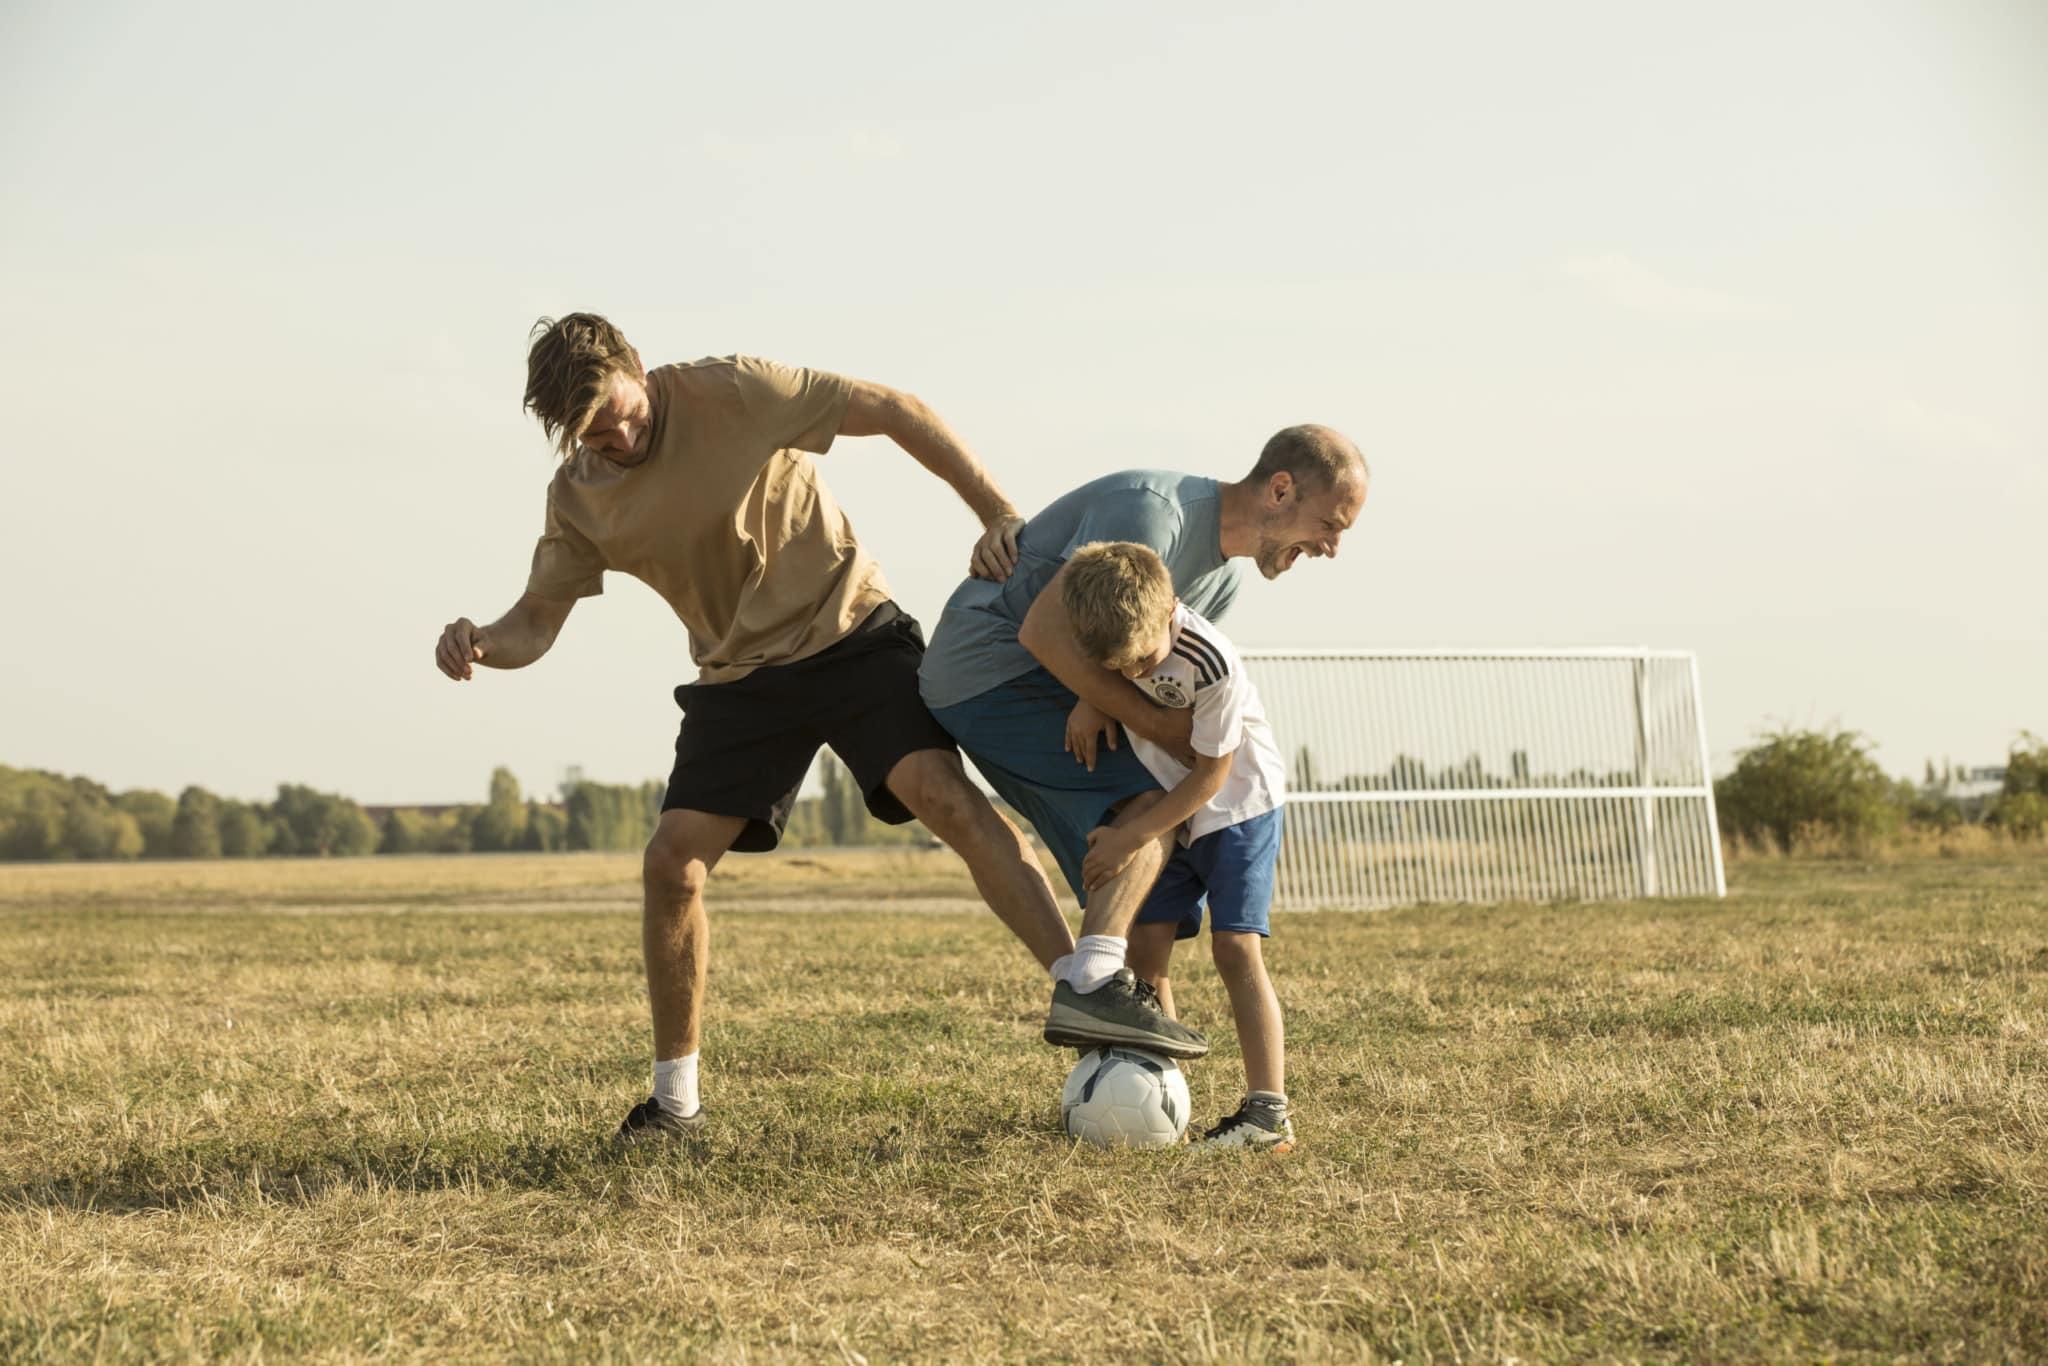 Zwei junge Männer und ein Junge spielen draußen Fußball.